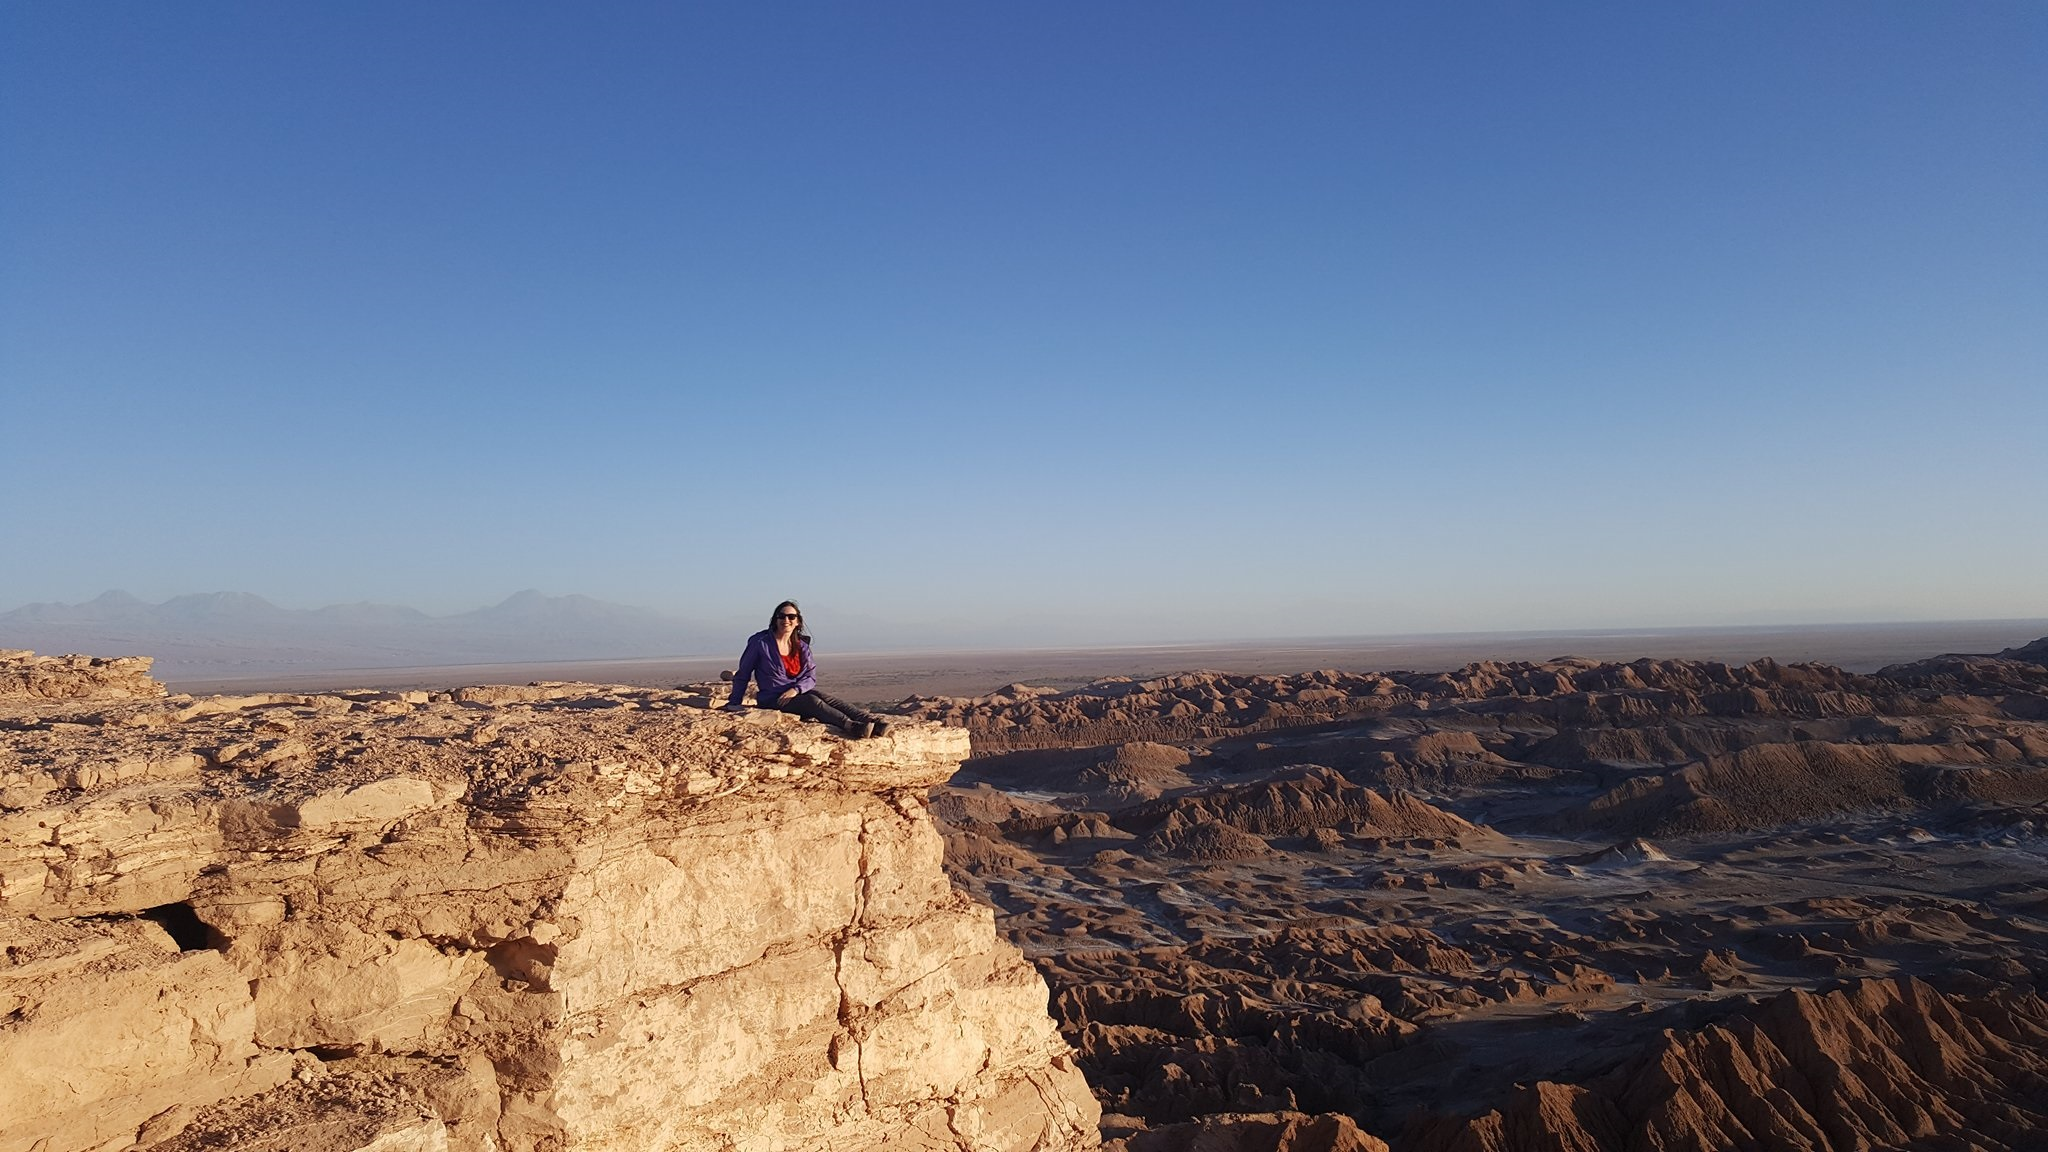 Cazzy in Atacama desert